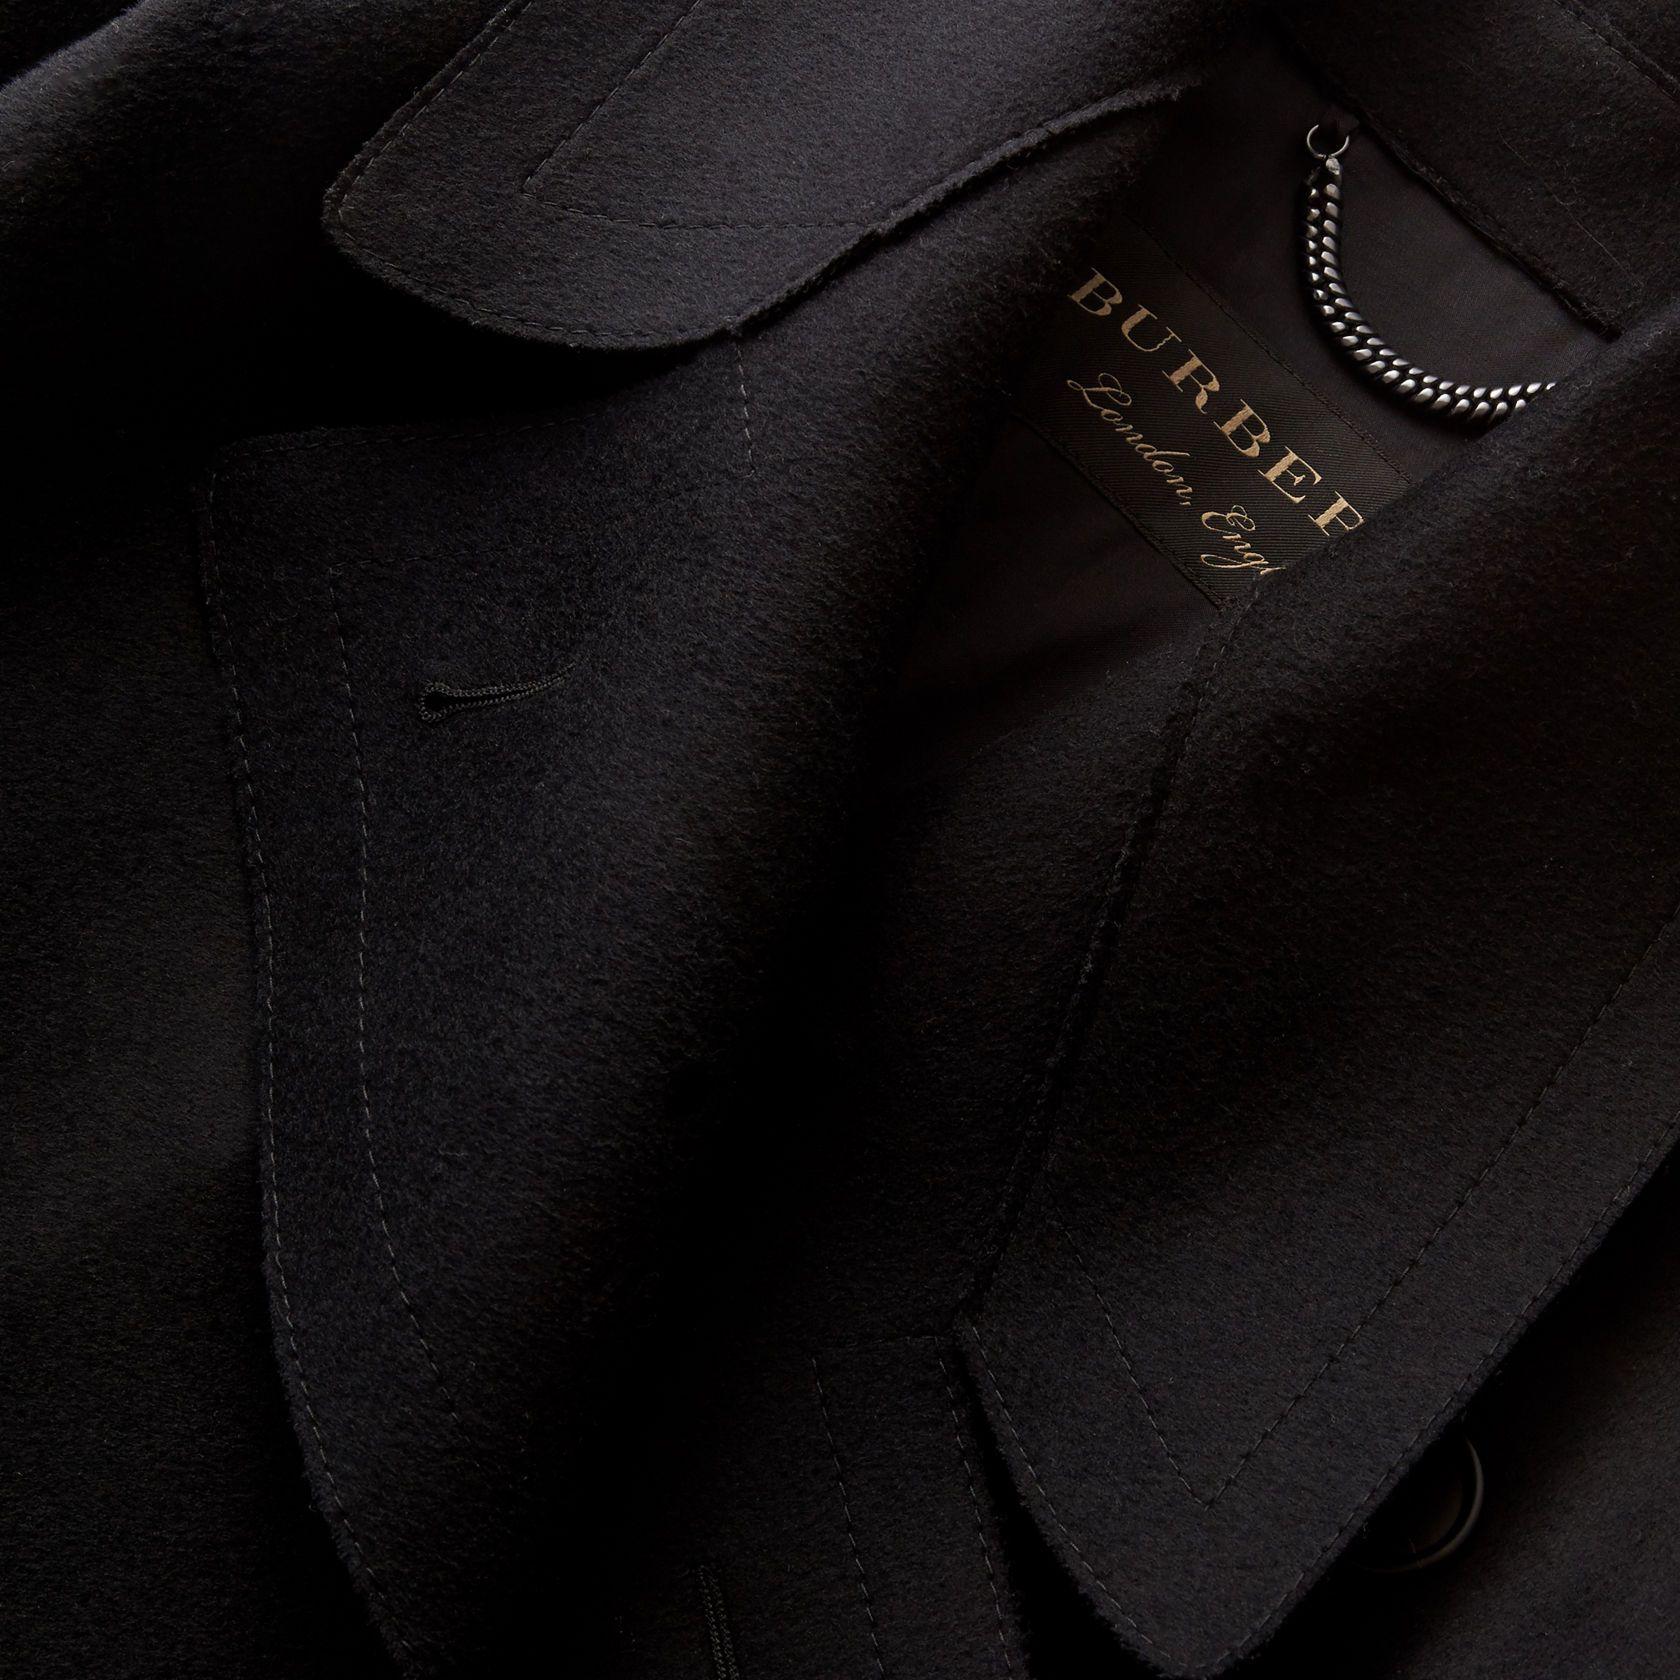 Burberry Vêtements Pinterest Robe Femme Tailleur Pour wPP4pqE